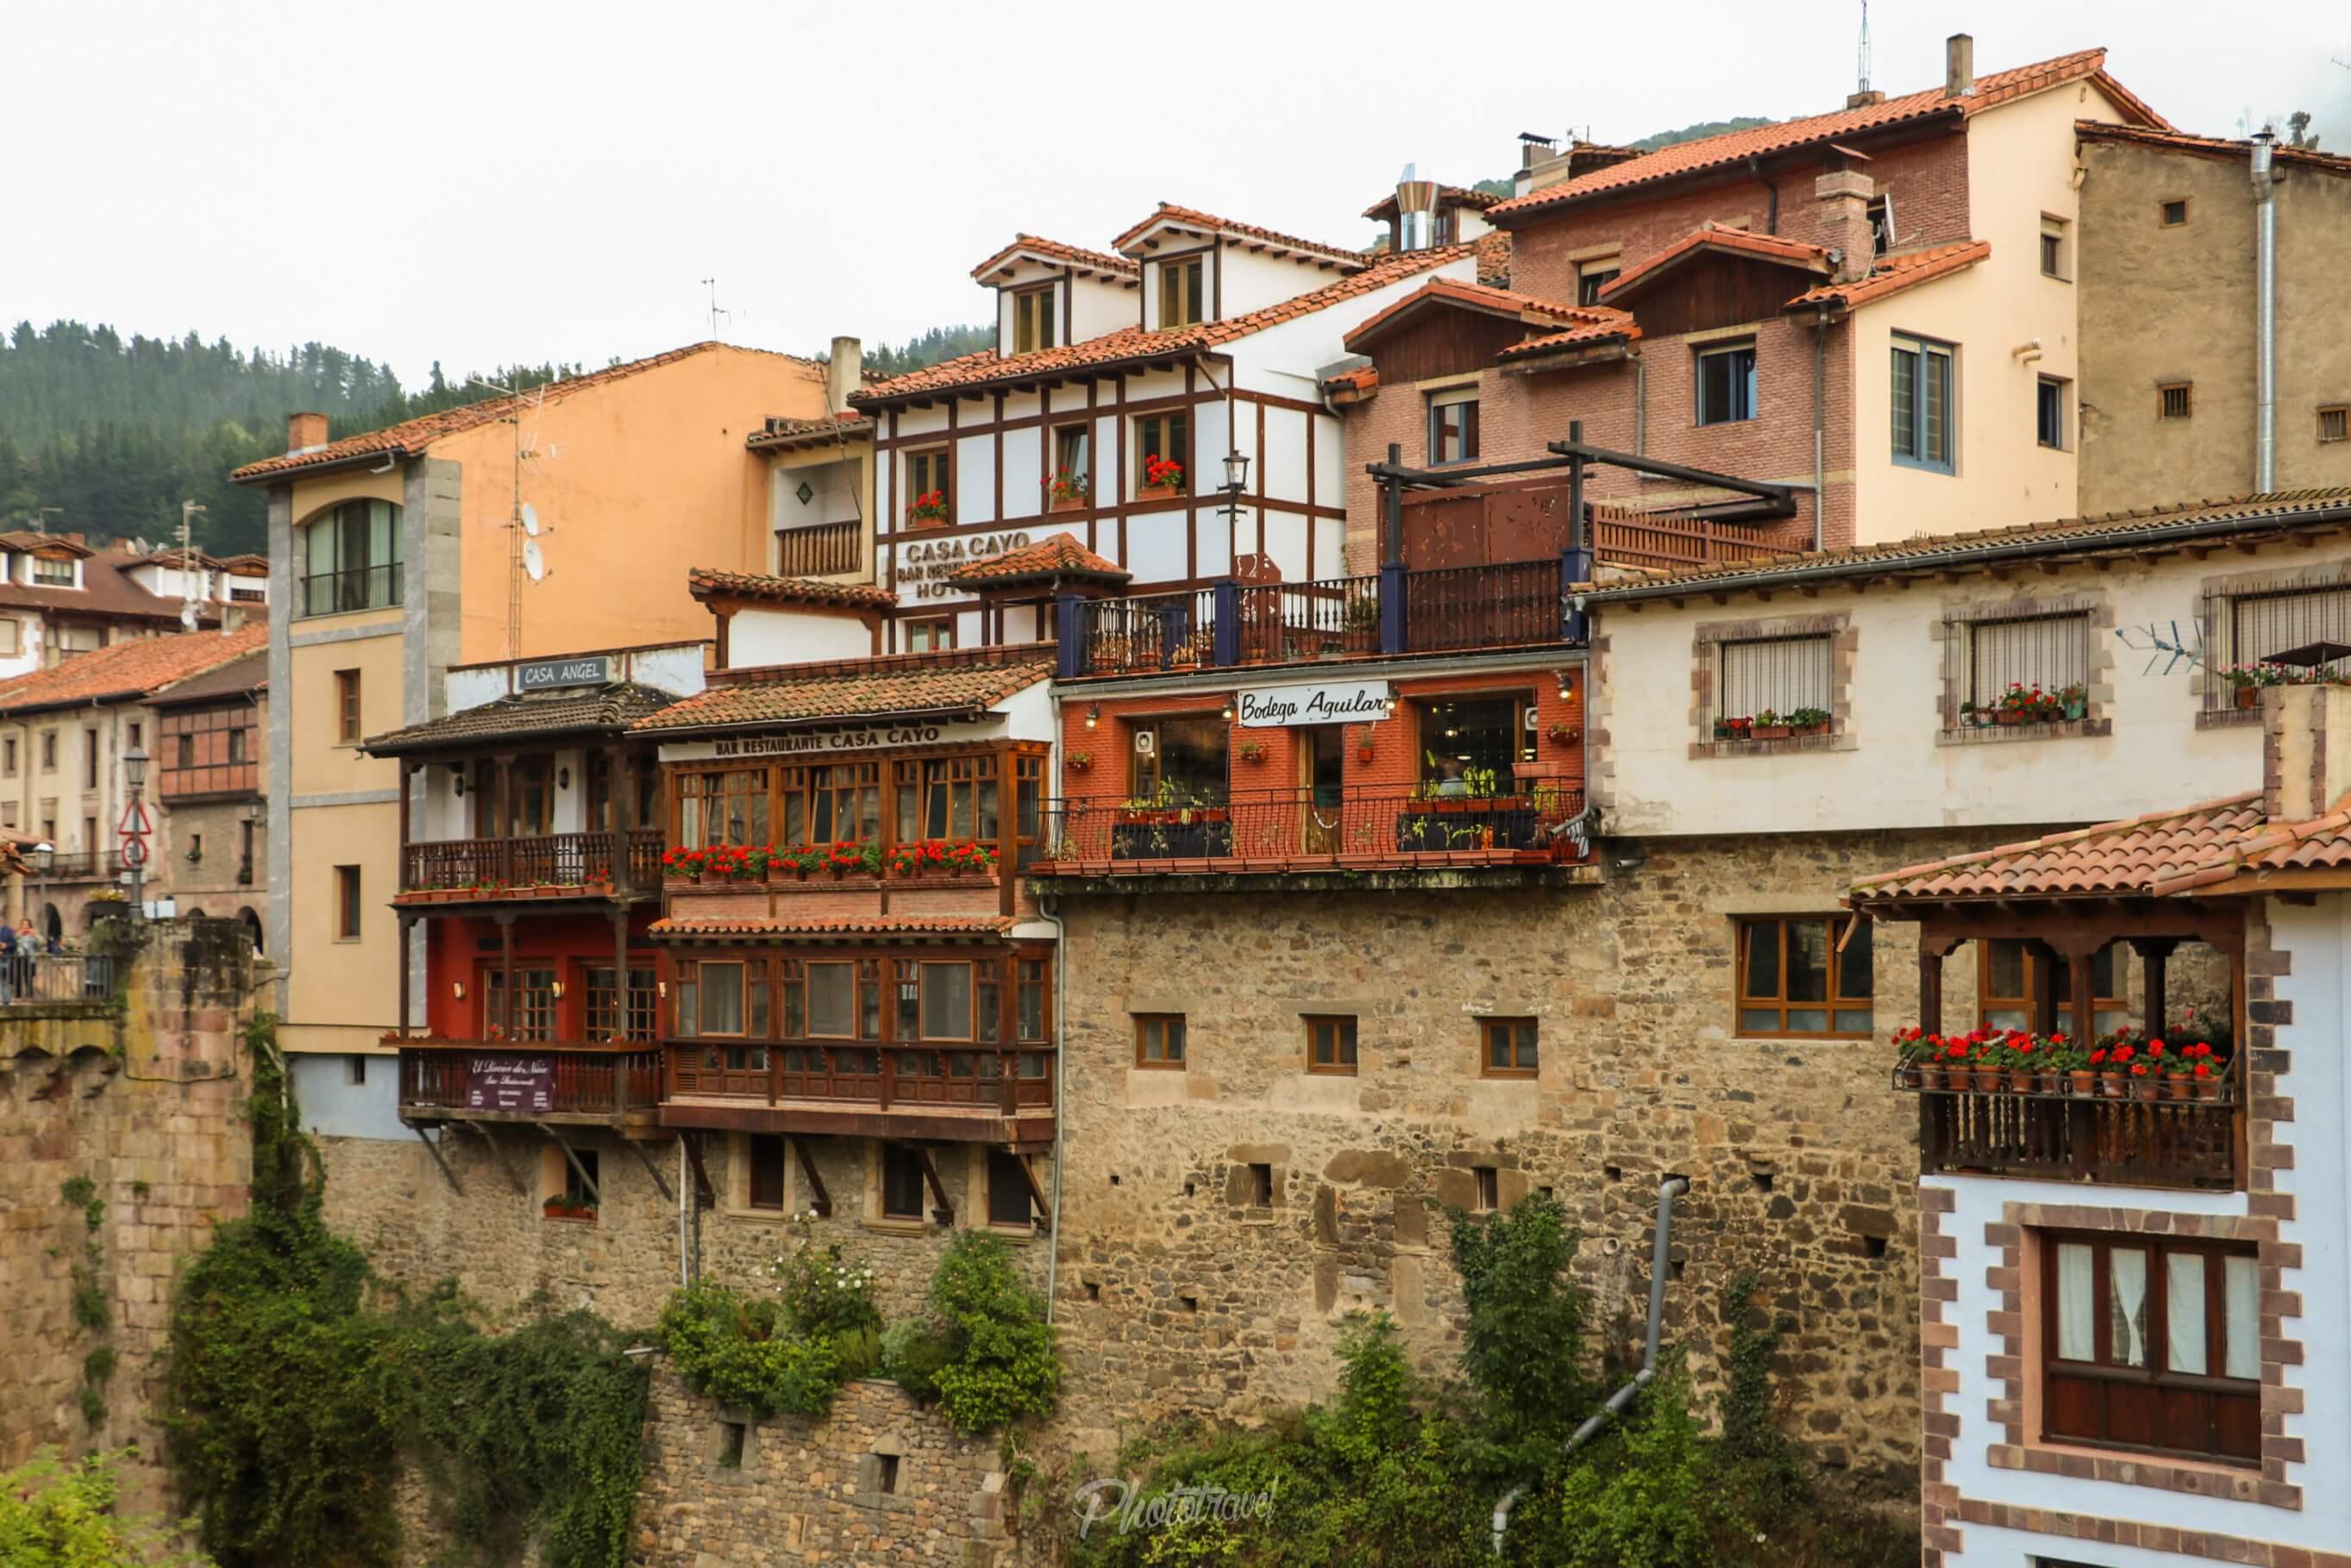 Balcones y vistas al rio - Potes